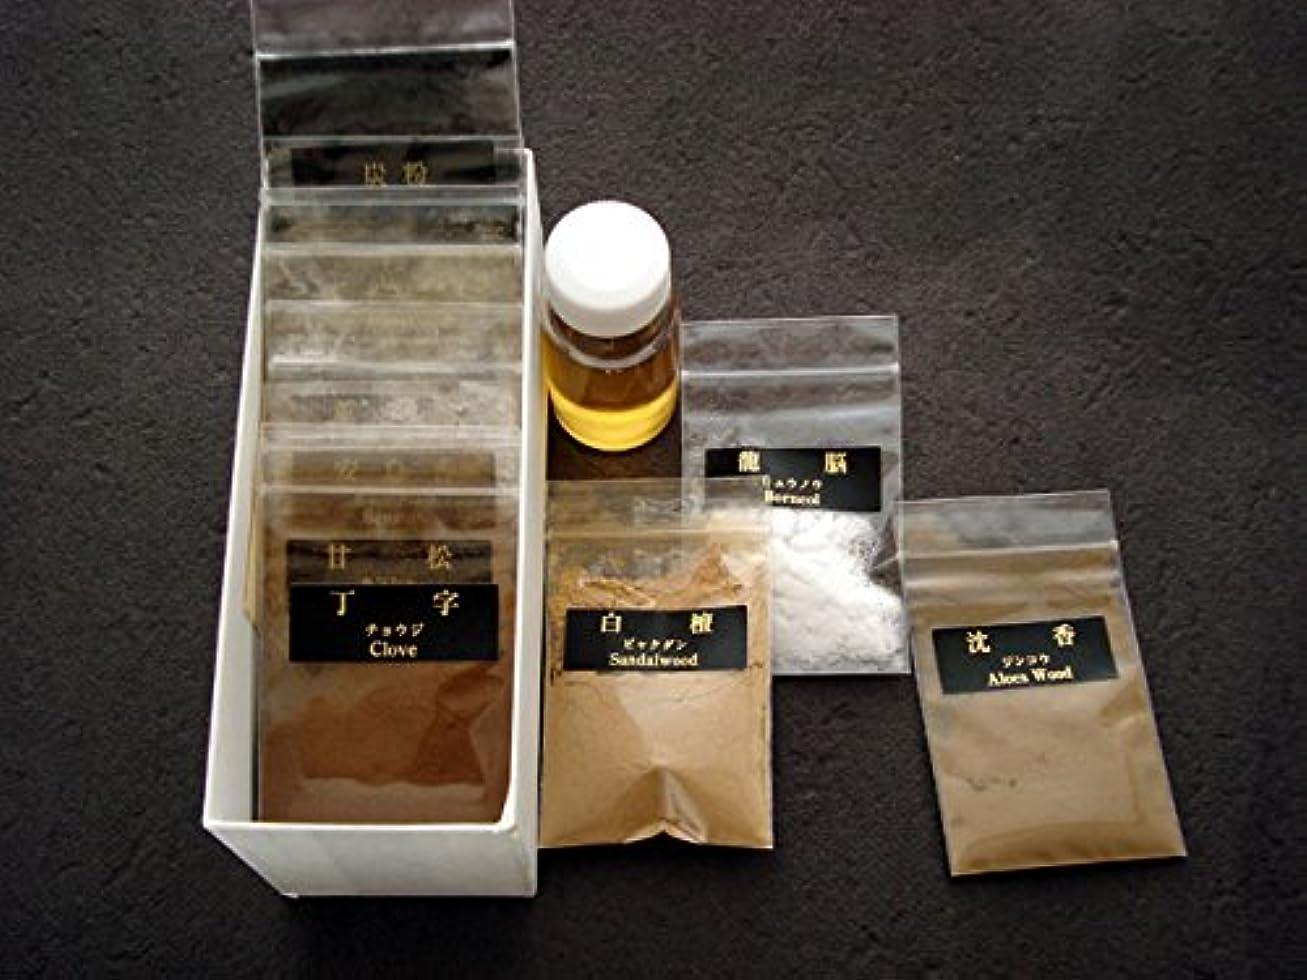 整理する肖像画プログレッシブオリジナルの香り 香り遊び 薫物(煉香) 香原料揃え 【練香】